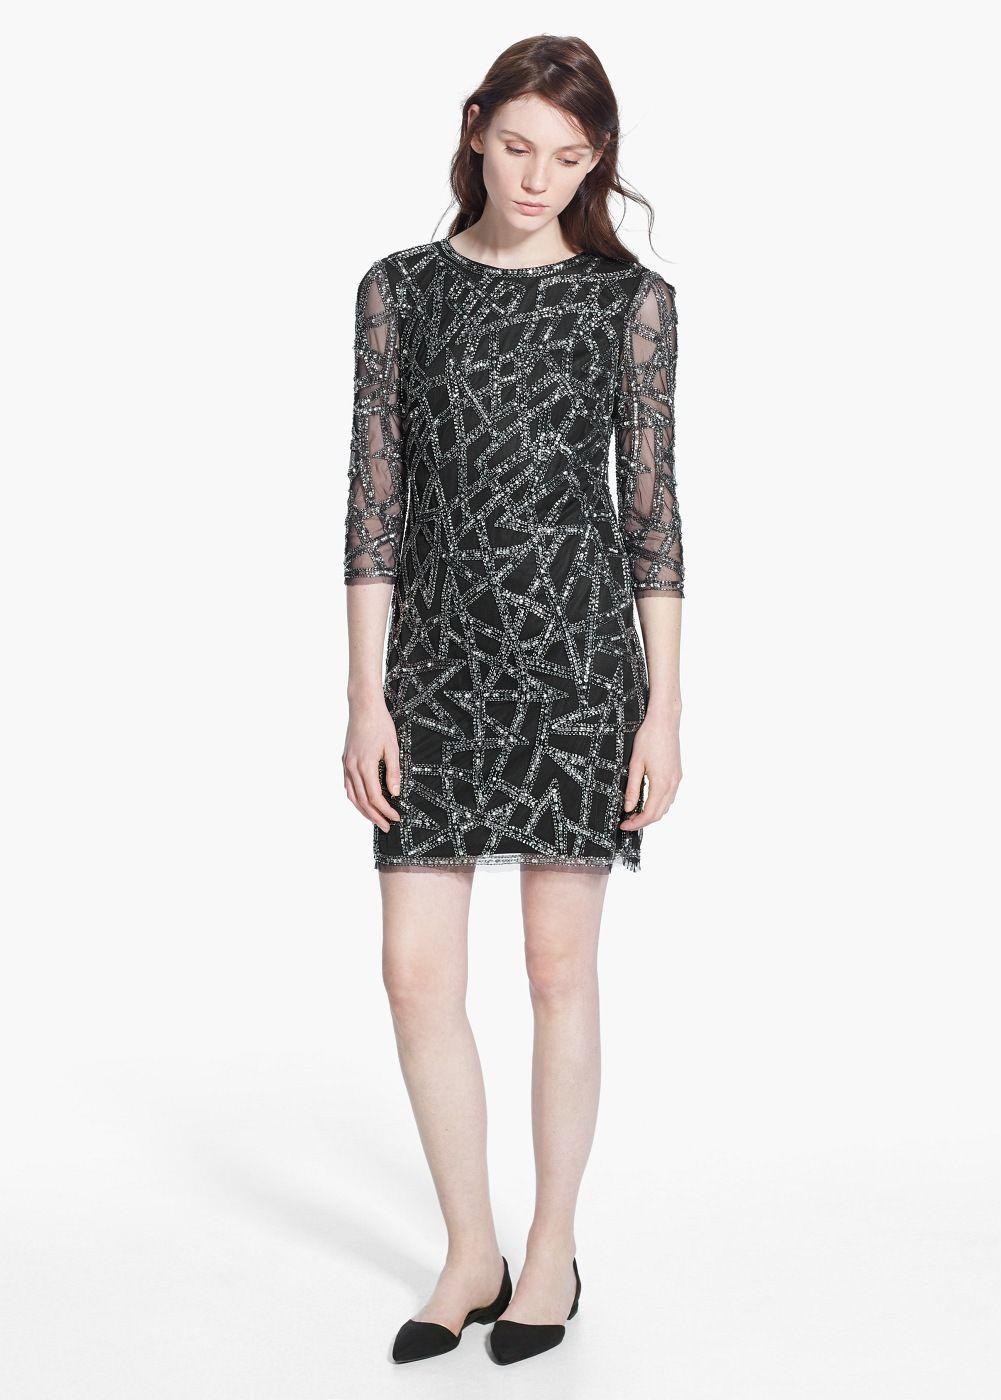 d72f053423d47 Embroidery bead dress - Woman   Mekot   Pinterest   Robe brodé, Robe ...